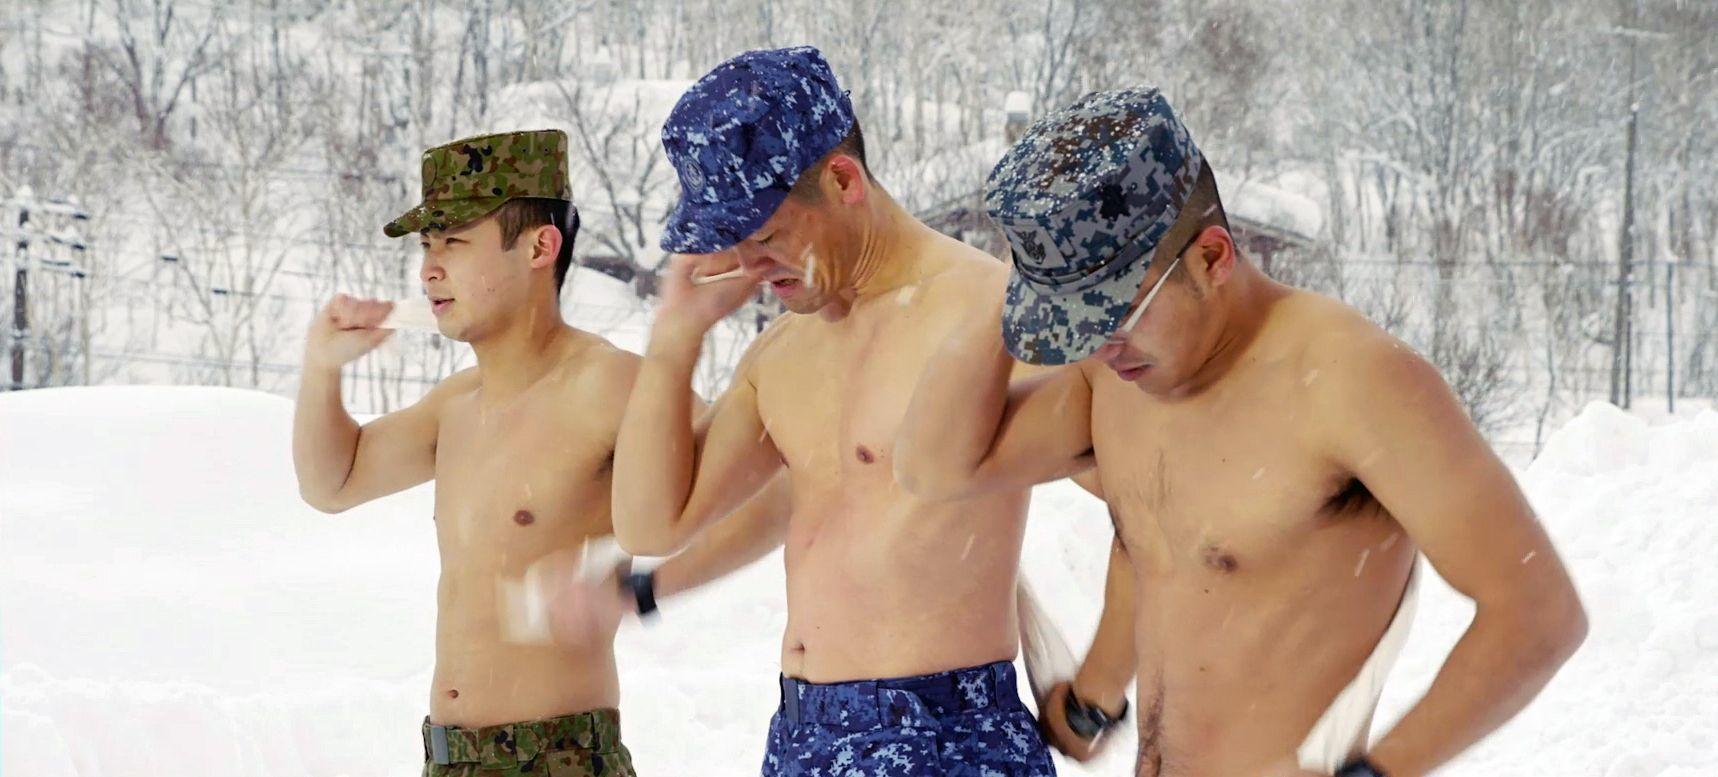 自衛隊式 ! 寒さから自衛する方法② 乾布摩擦 | 戦車兵のブログ